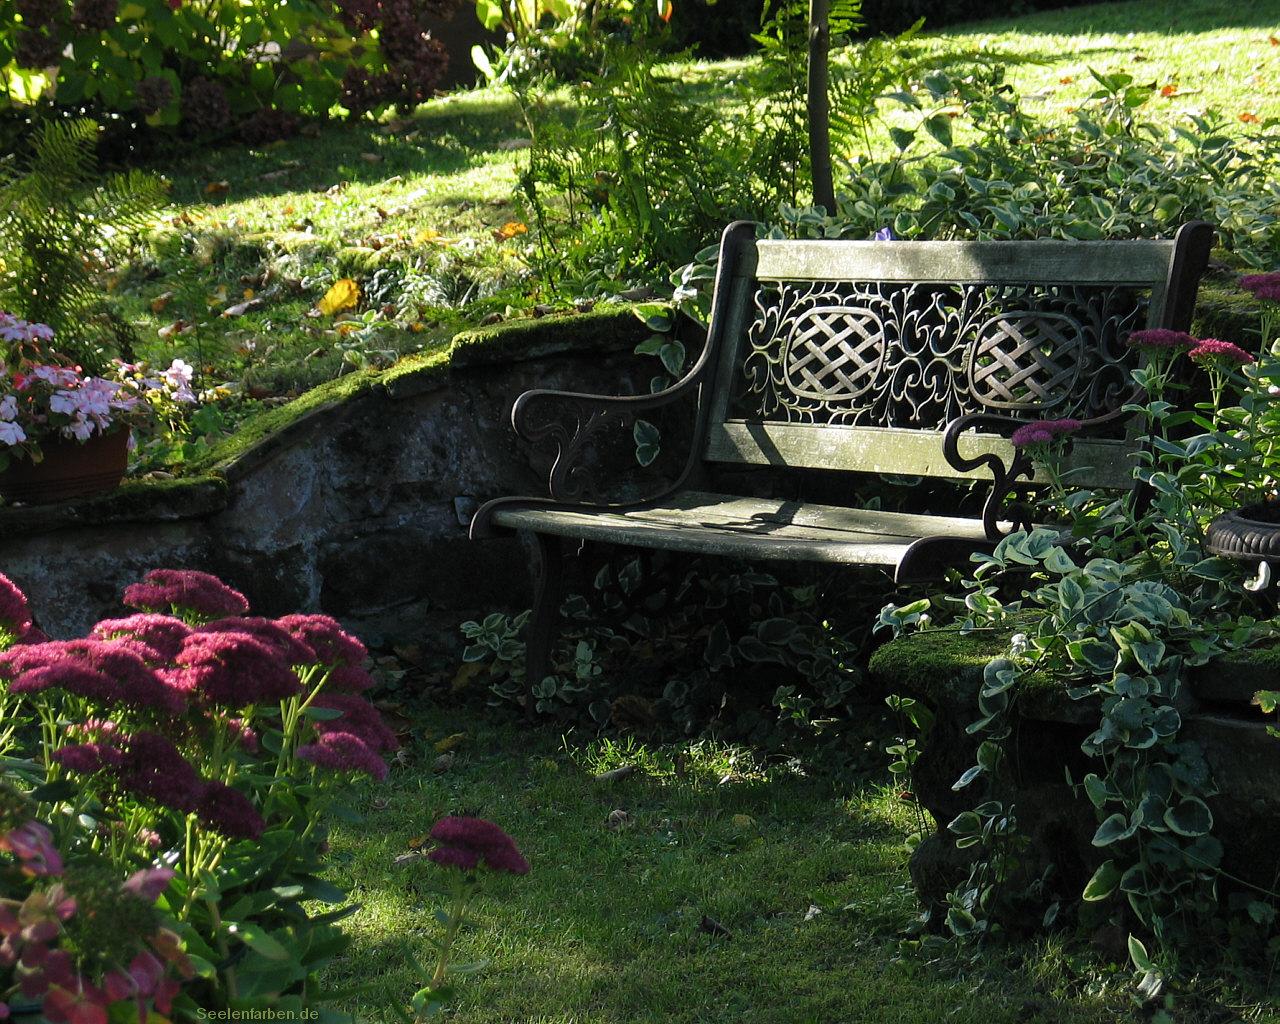 Herbst Dekoration Romantik Gartenbank Zierde Blumen